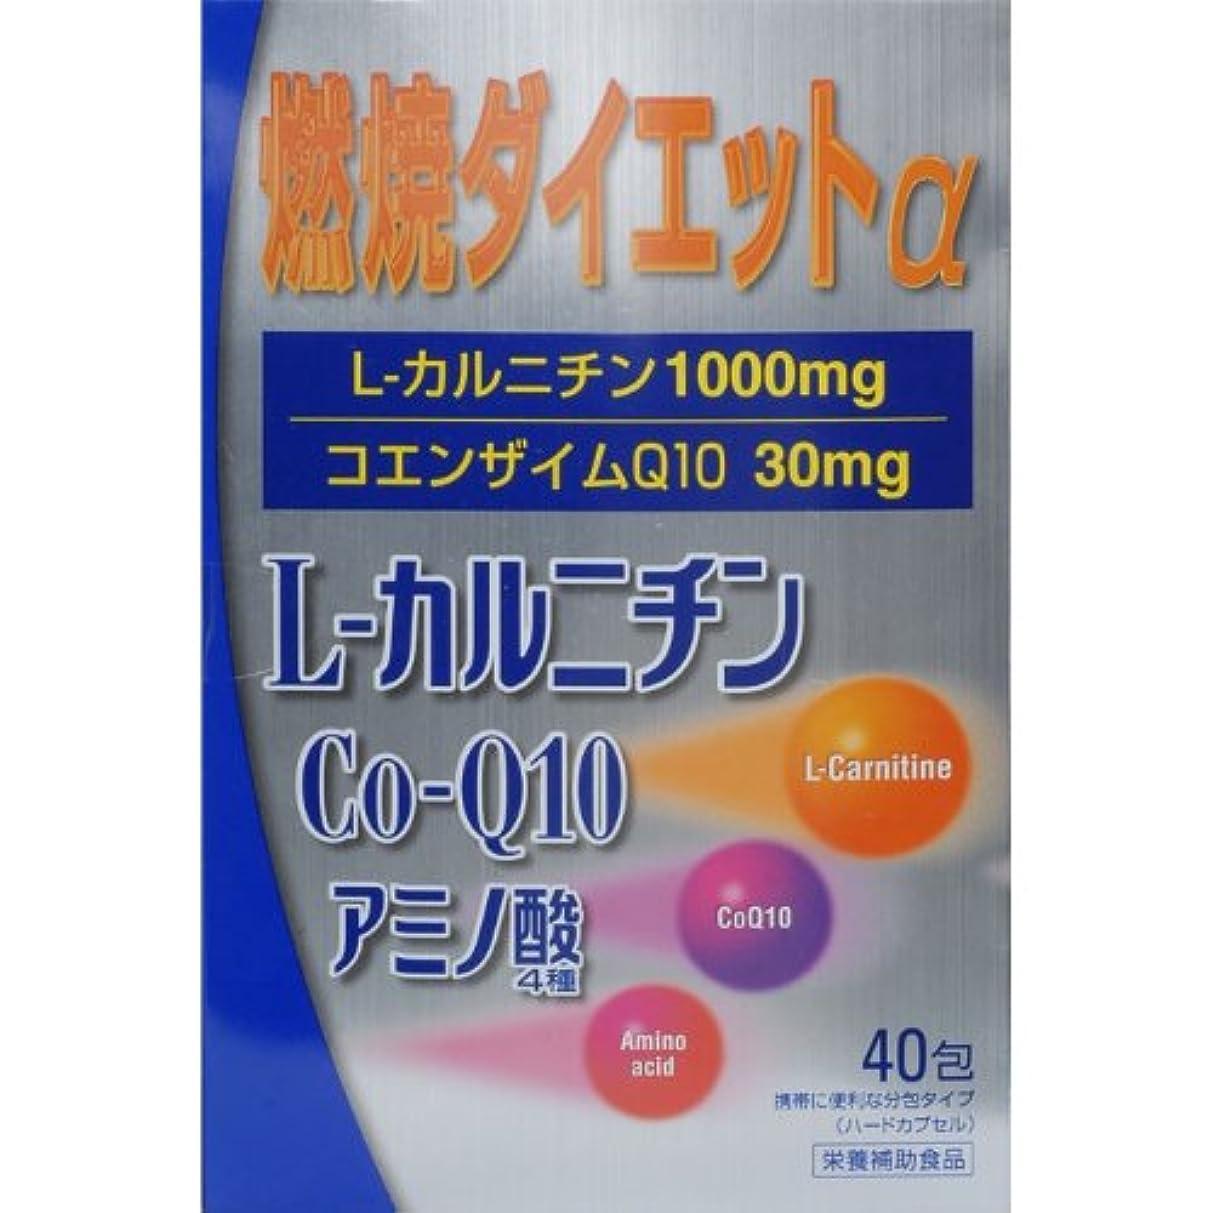 チャームロック解除ニッケル燃焼ダイエットL‐カルニチンα 40包